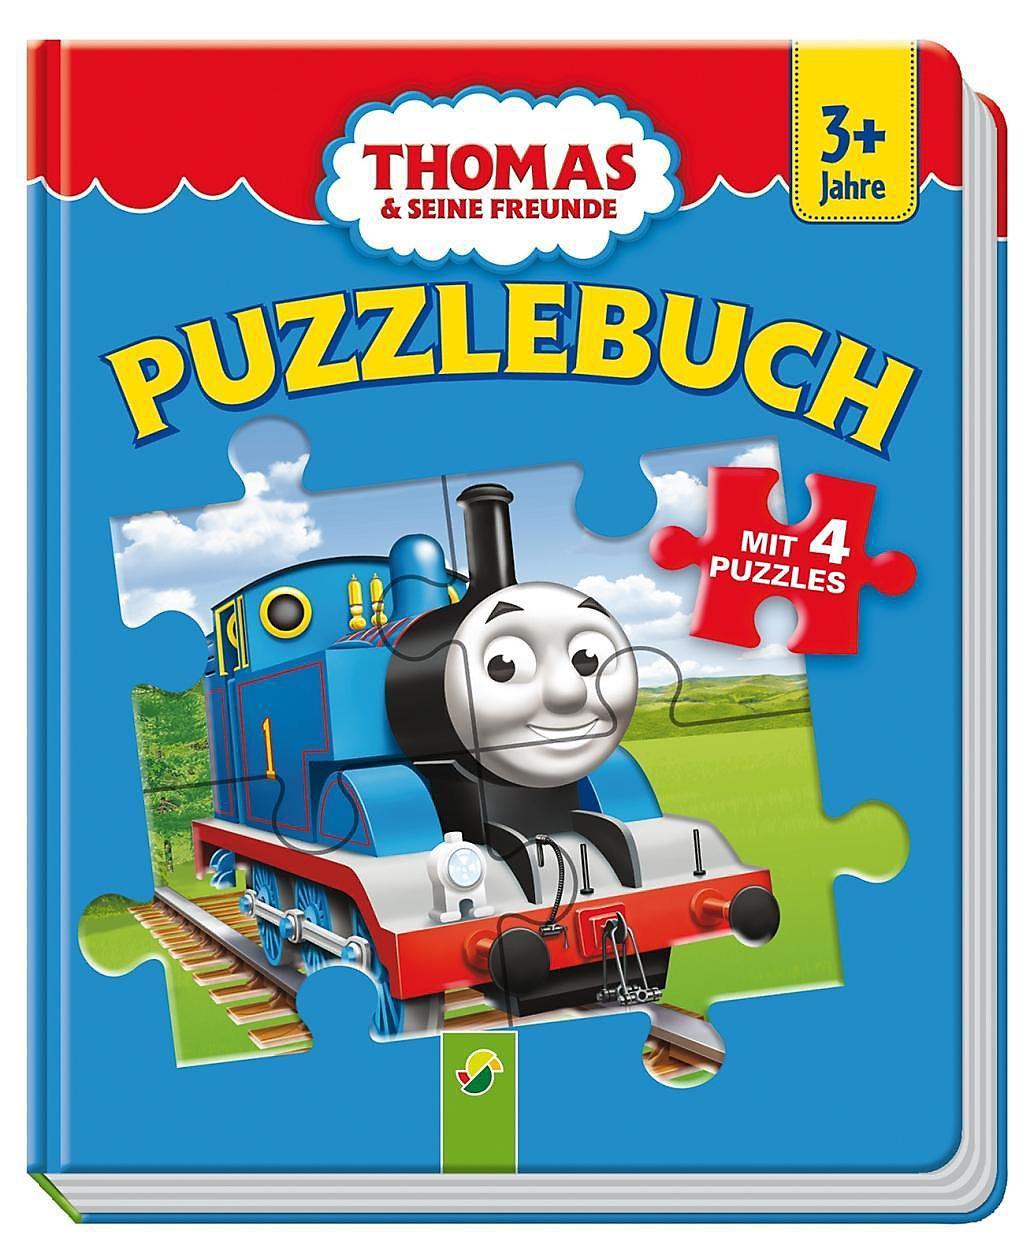 thomas und seine freunde  puzzlebuch buch  weltbildde